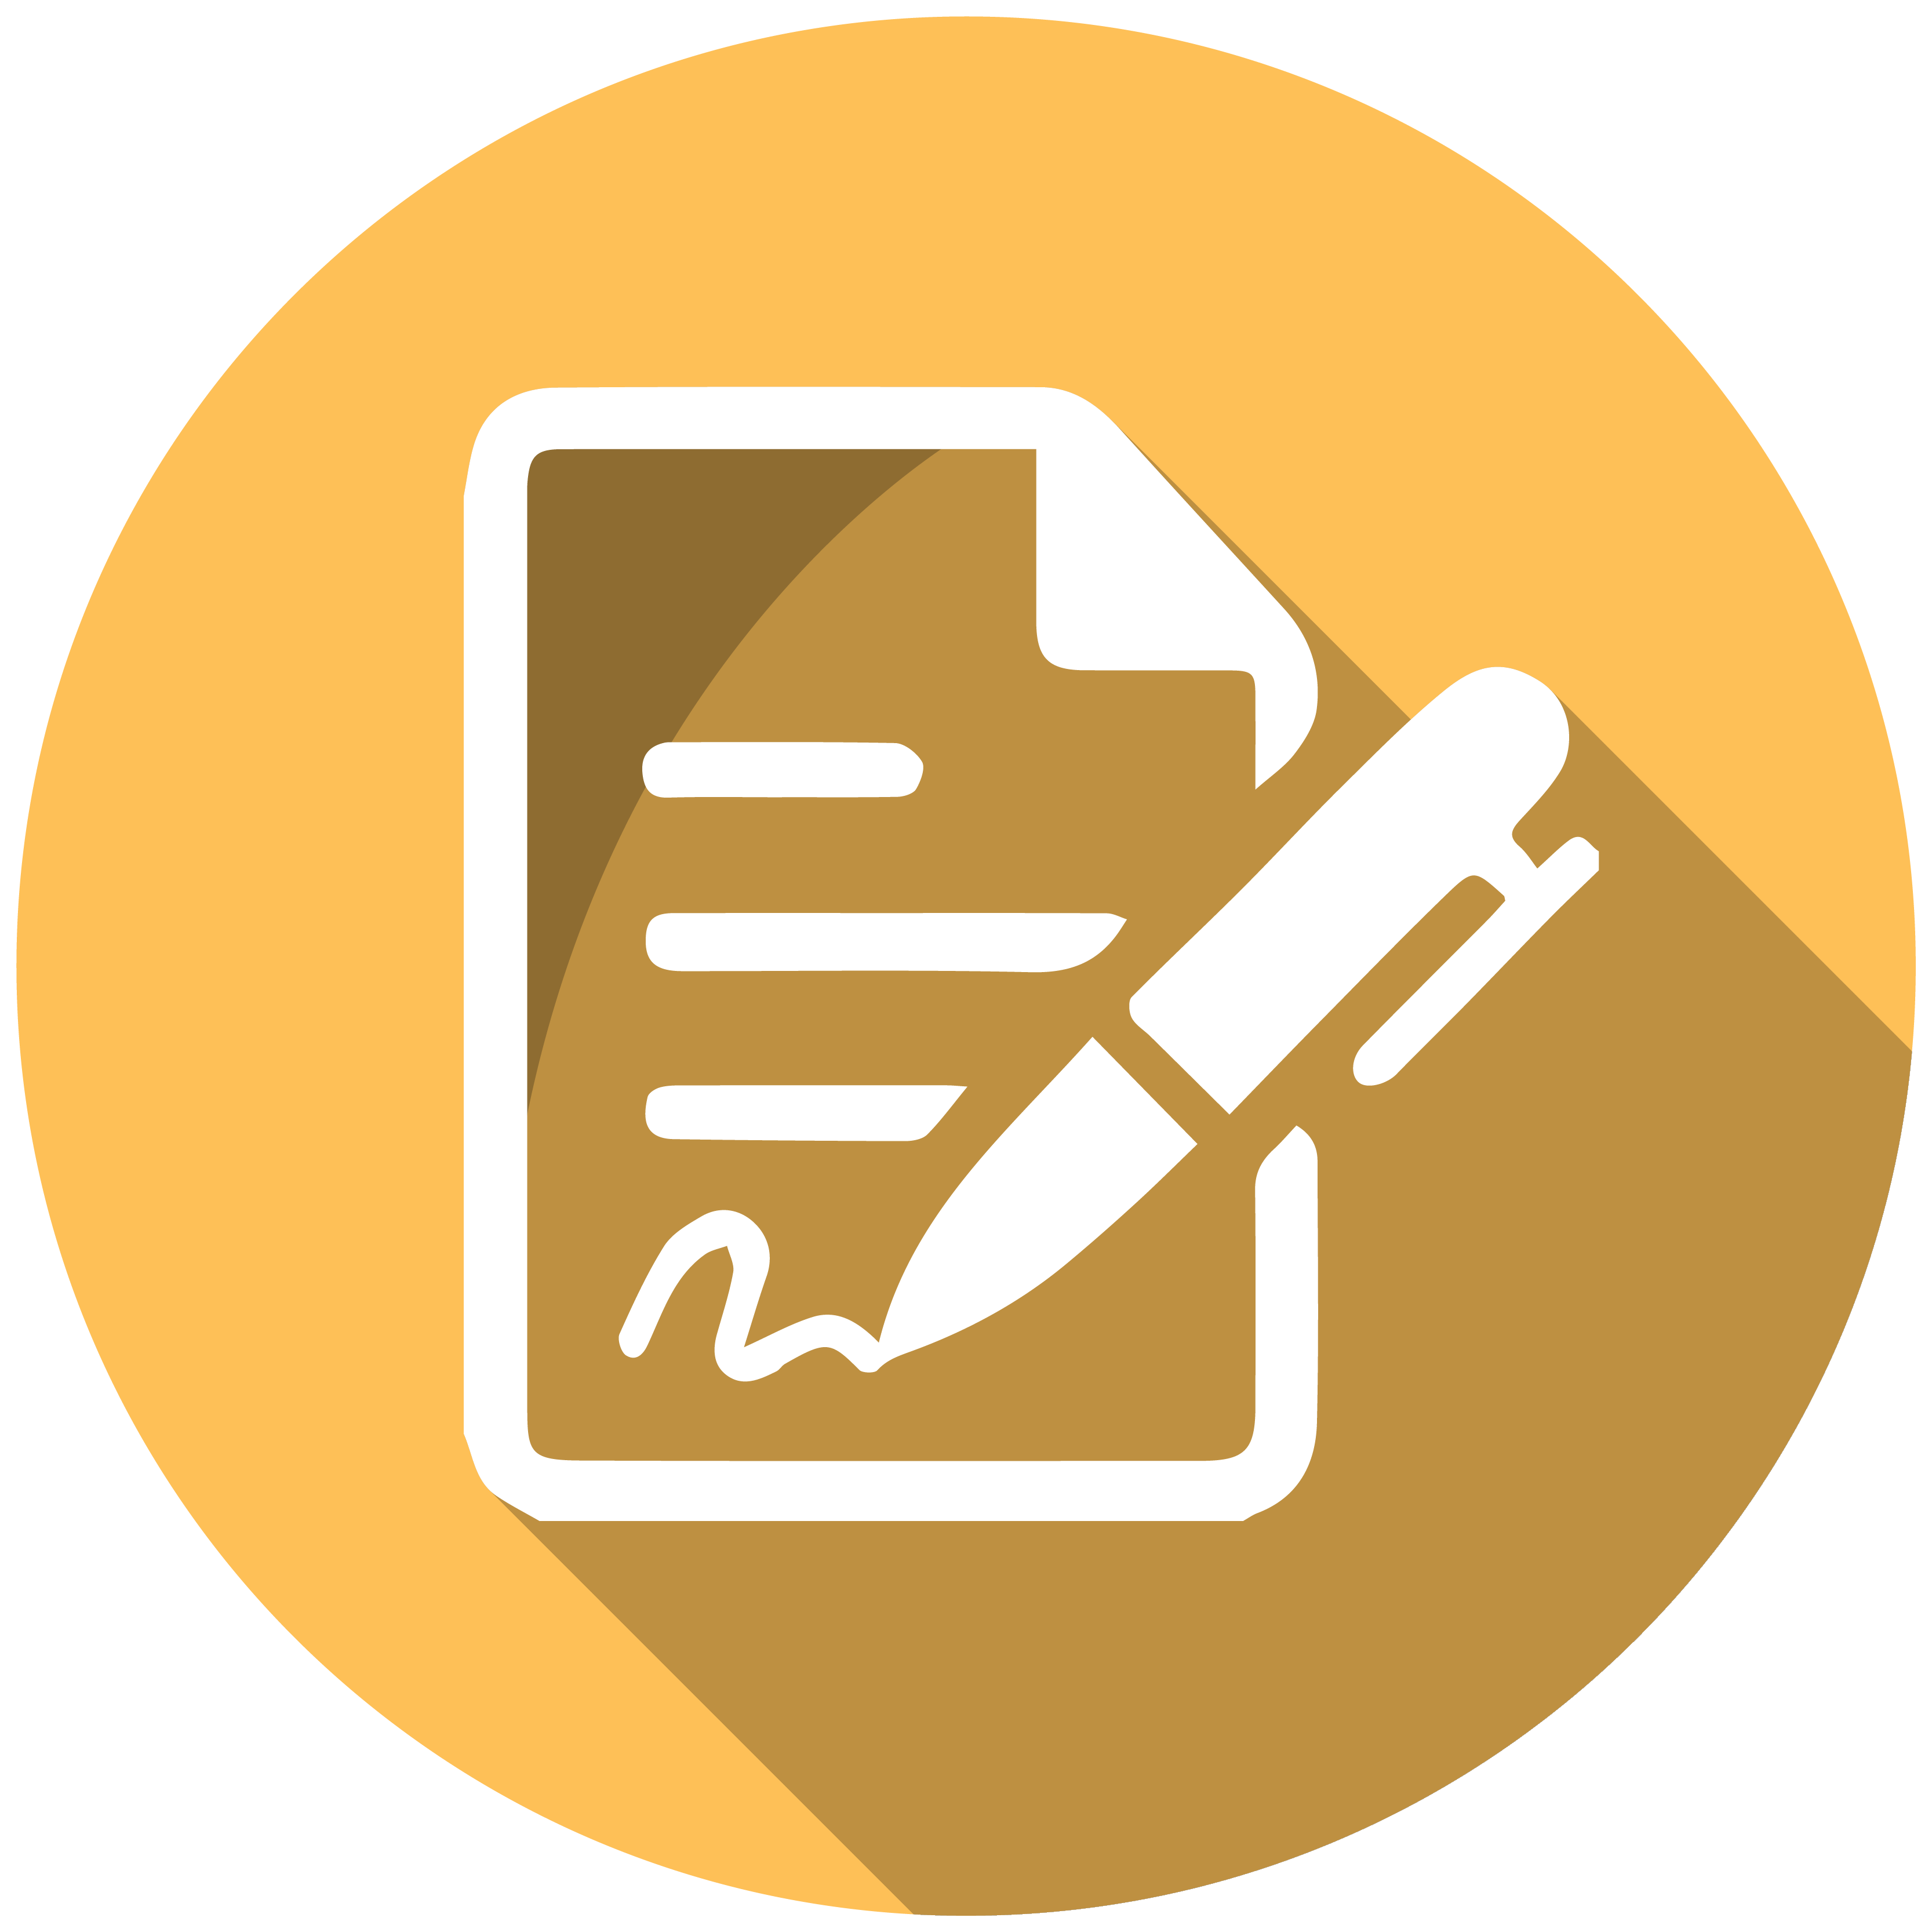 ترجمه مقاله برنامه ریزی جراحی و بازسازی مویرگ ها از فک پایین با فلپ نازک نی با استفاده از طراحی به کمک کامپیوتر، مدل سازی نمونه سریع، و صفحات از قبل